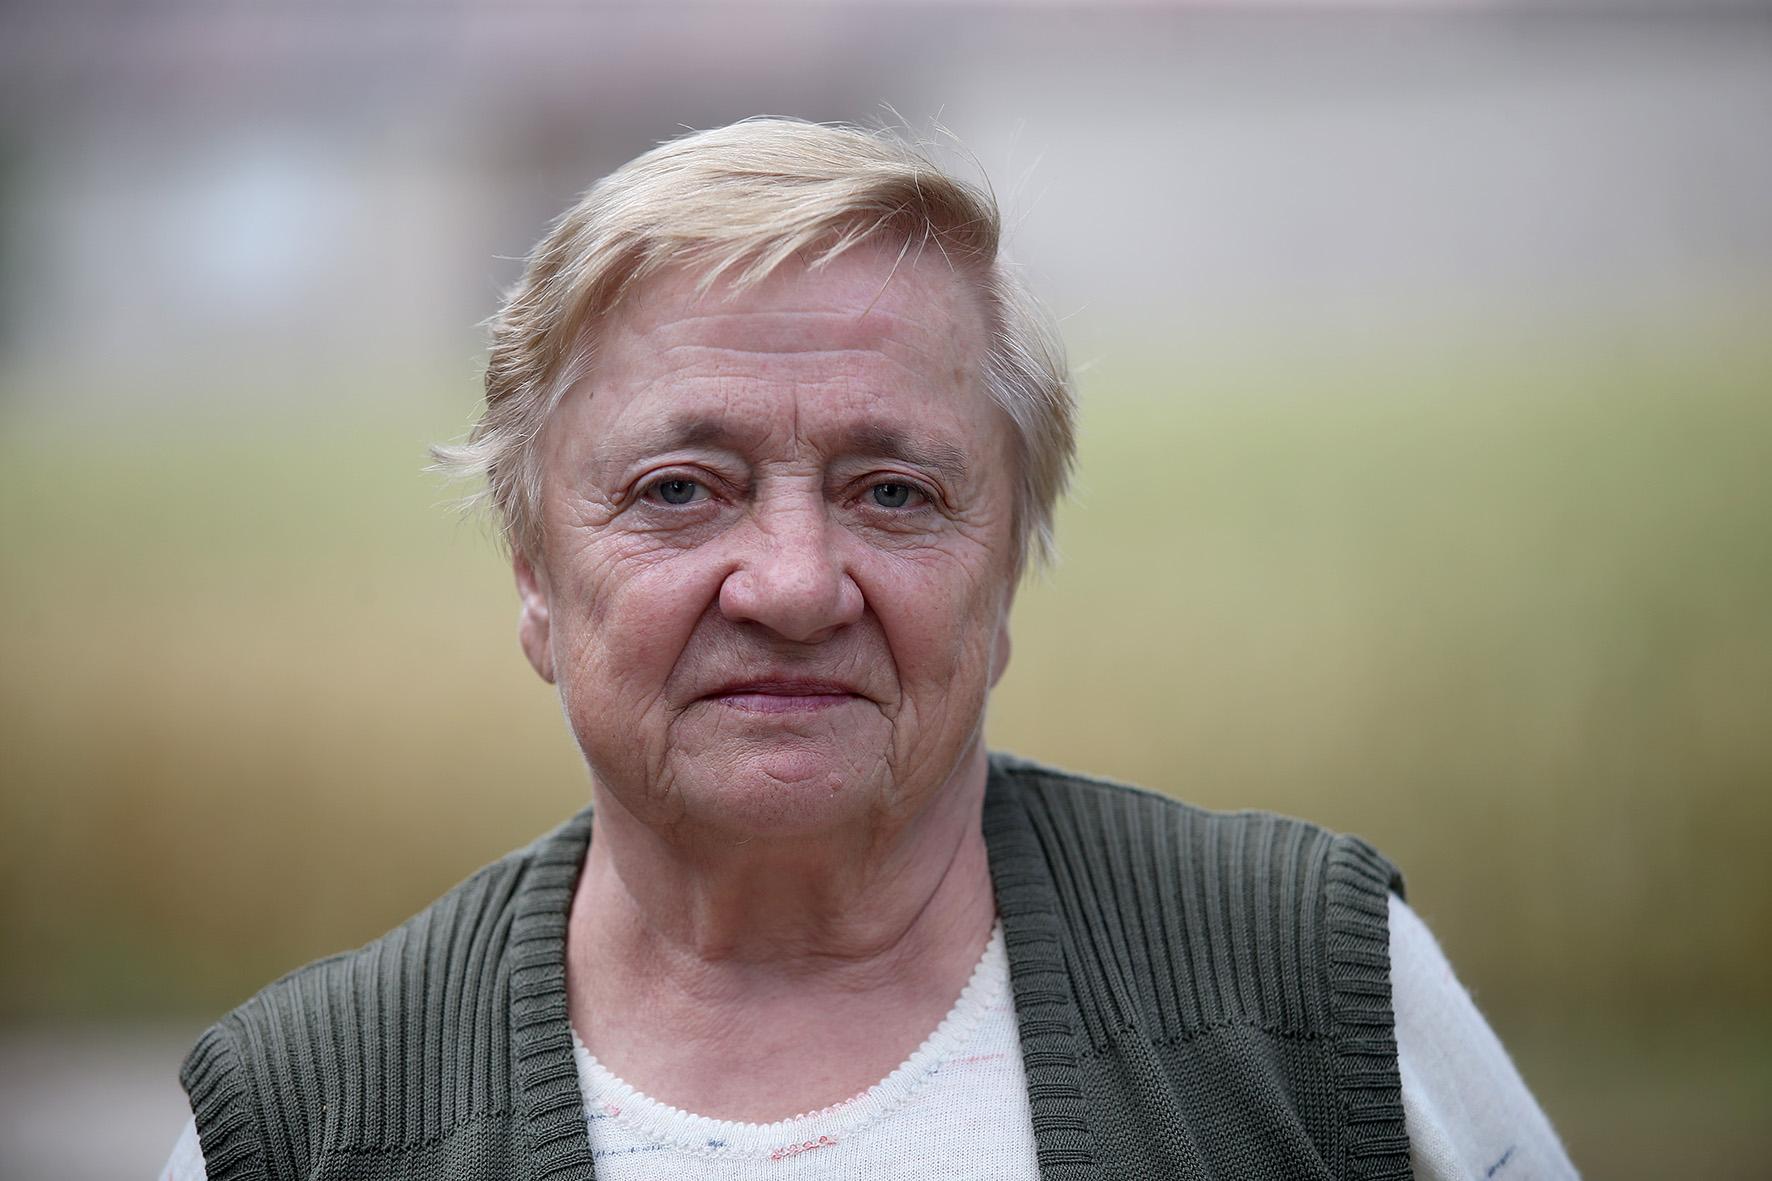 Šventybrasčio kaimo gyventoja Regina Ramanauskienė džiaugiasi, kad kaime organizuojami įvairūs renginiai, tvarkoma aplinka. Algimanto Barzdžiaus nuotr.